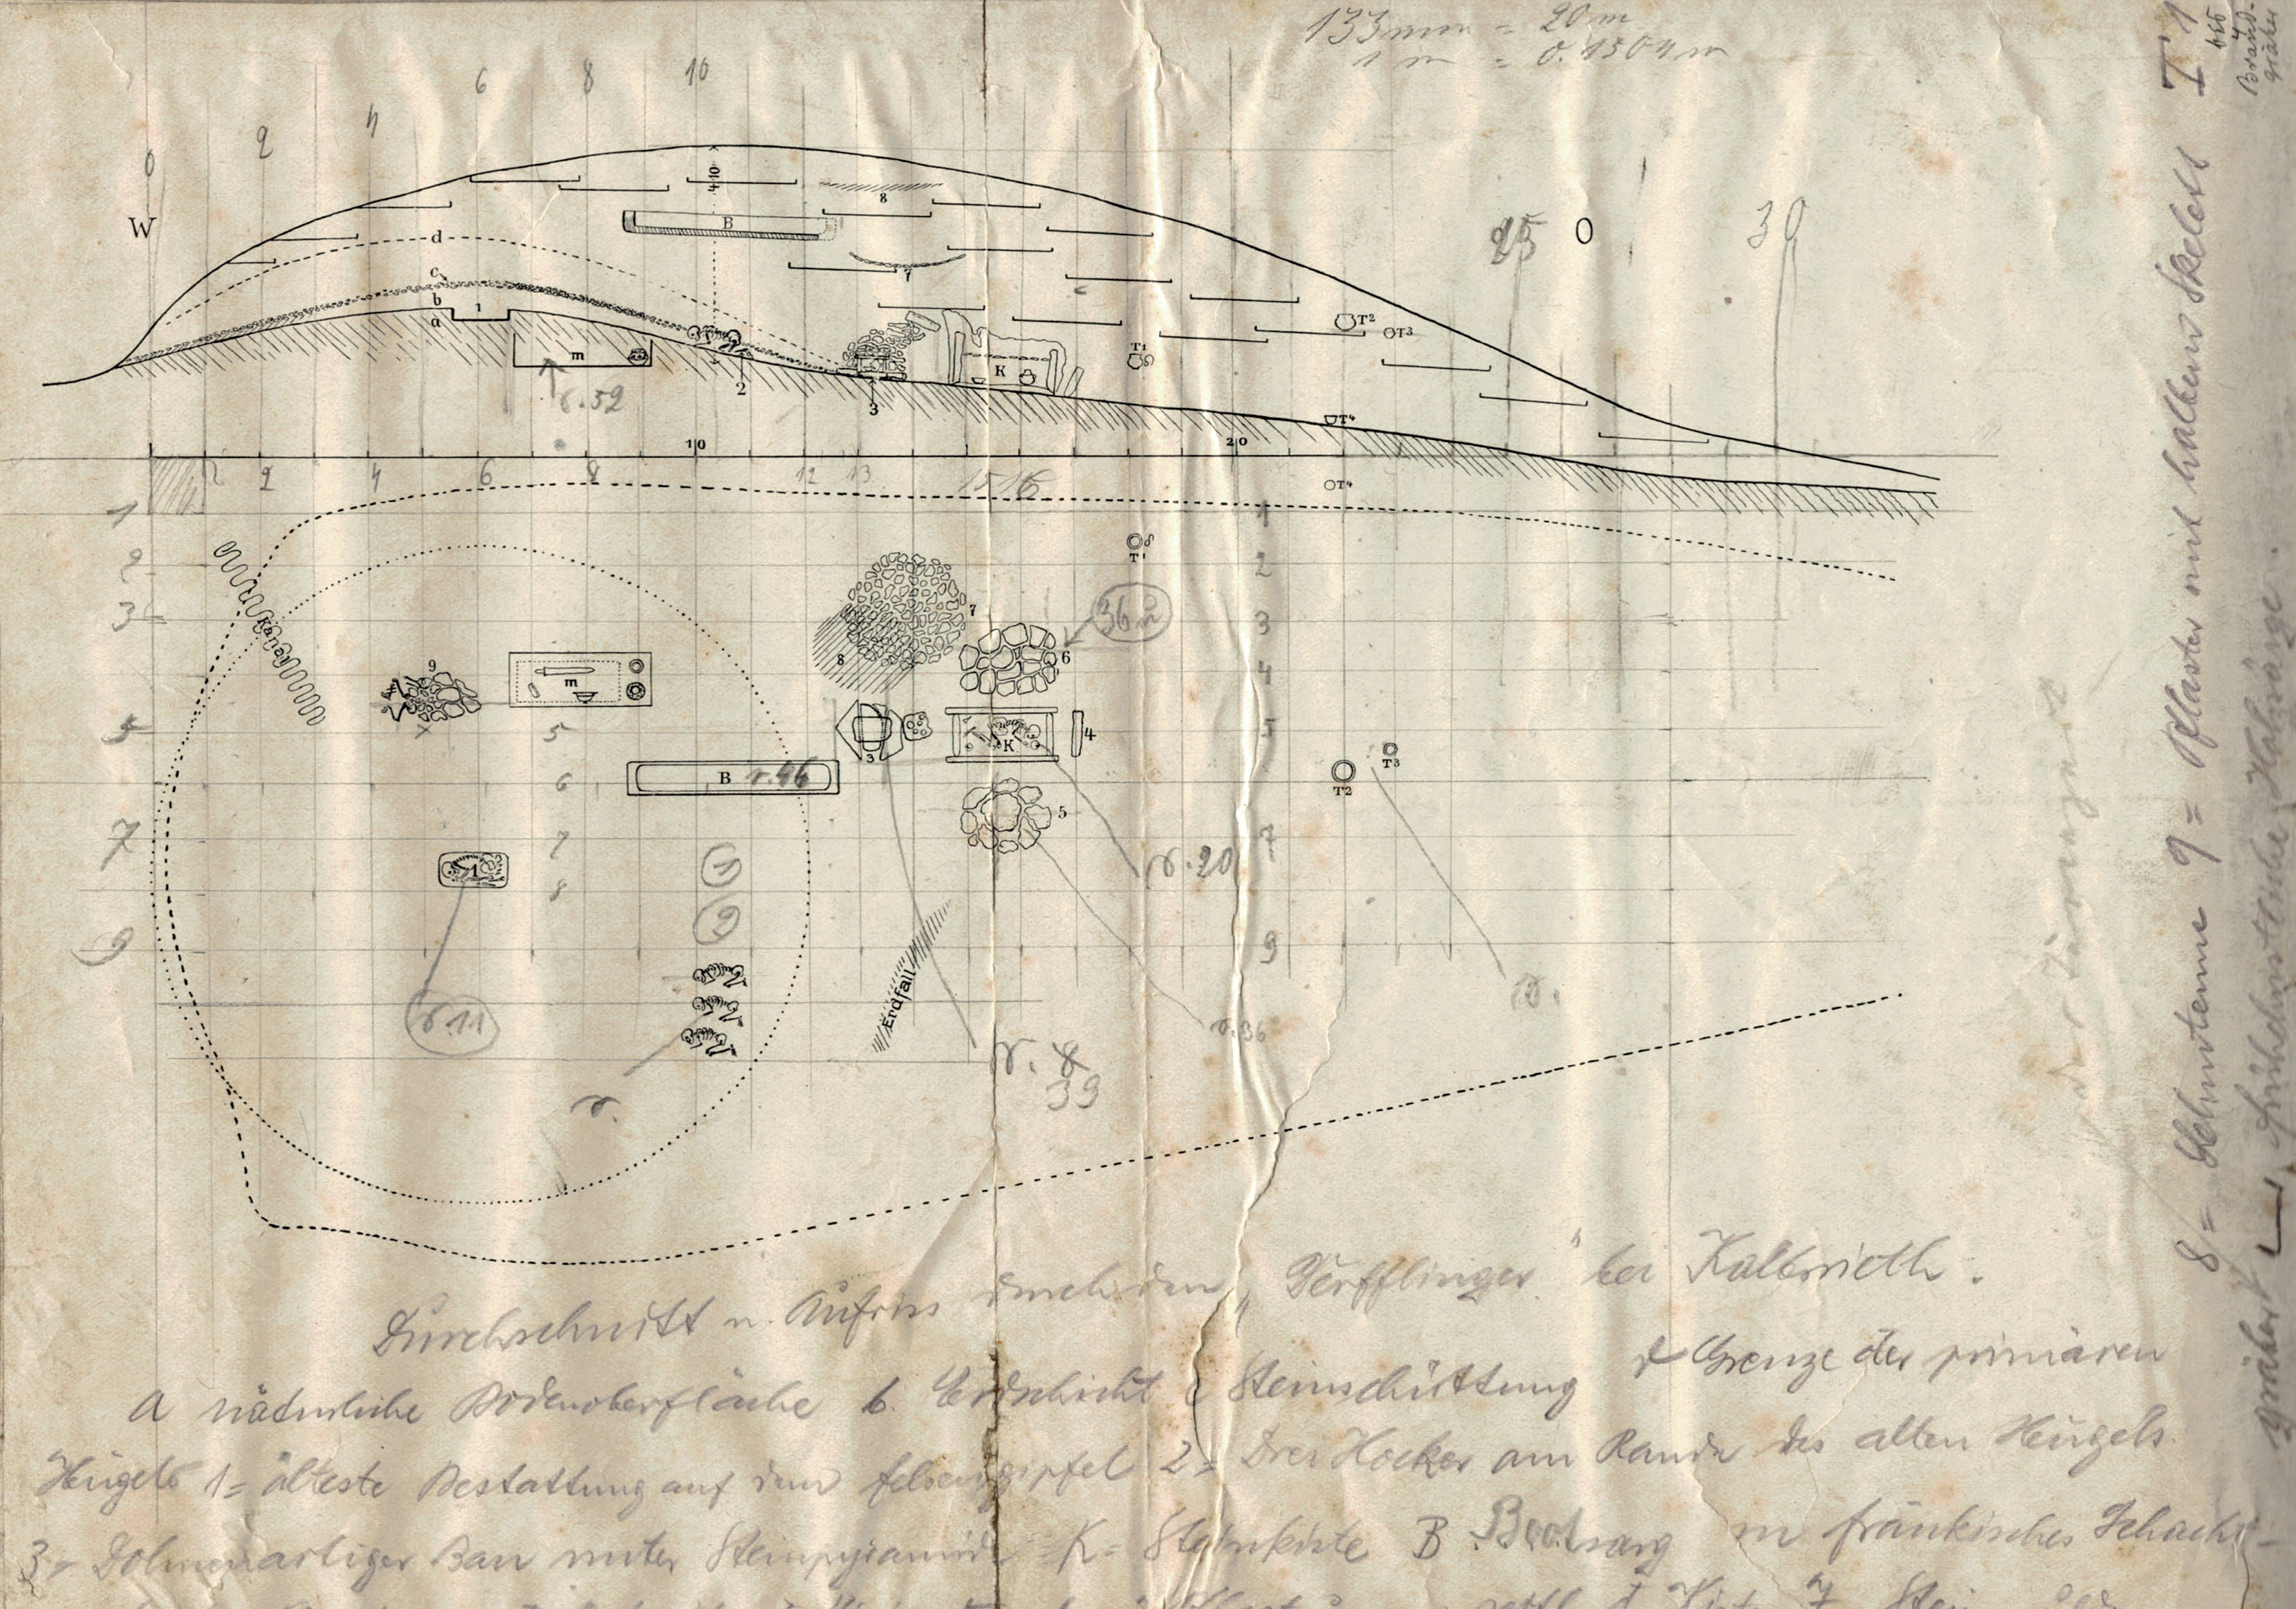 Plan mit Grundriss eines Großgrabhügels und handschriftlichen Ergänzungen